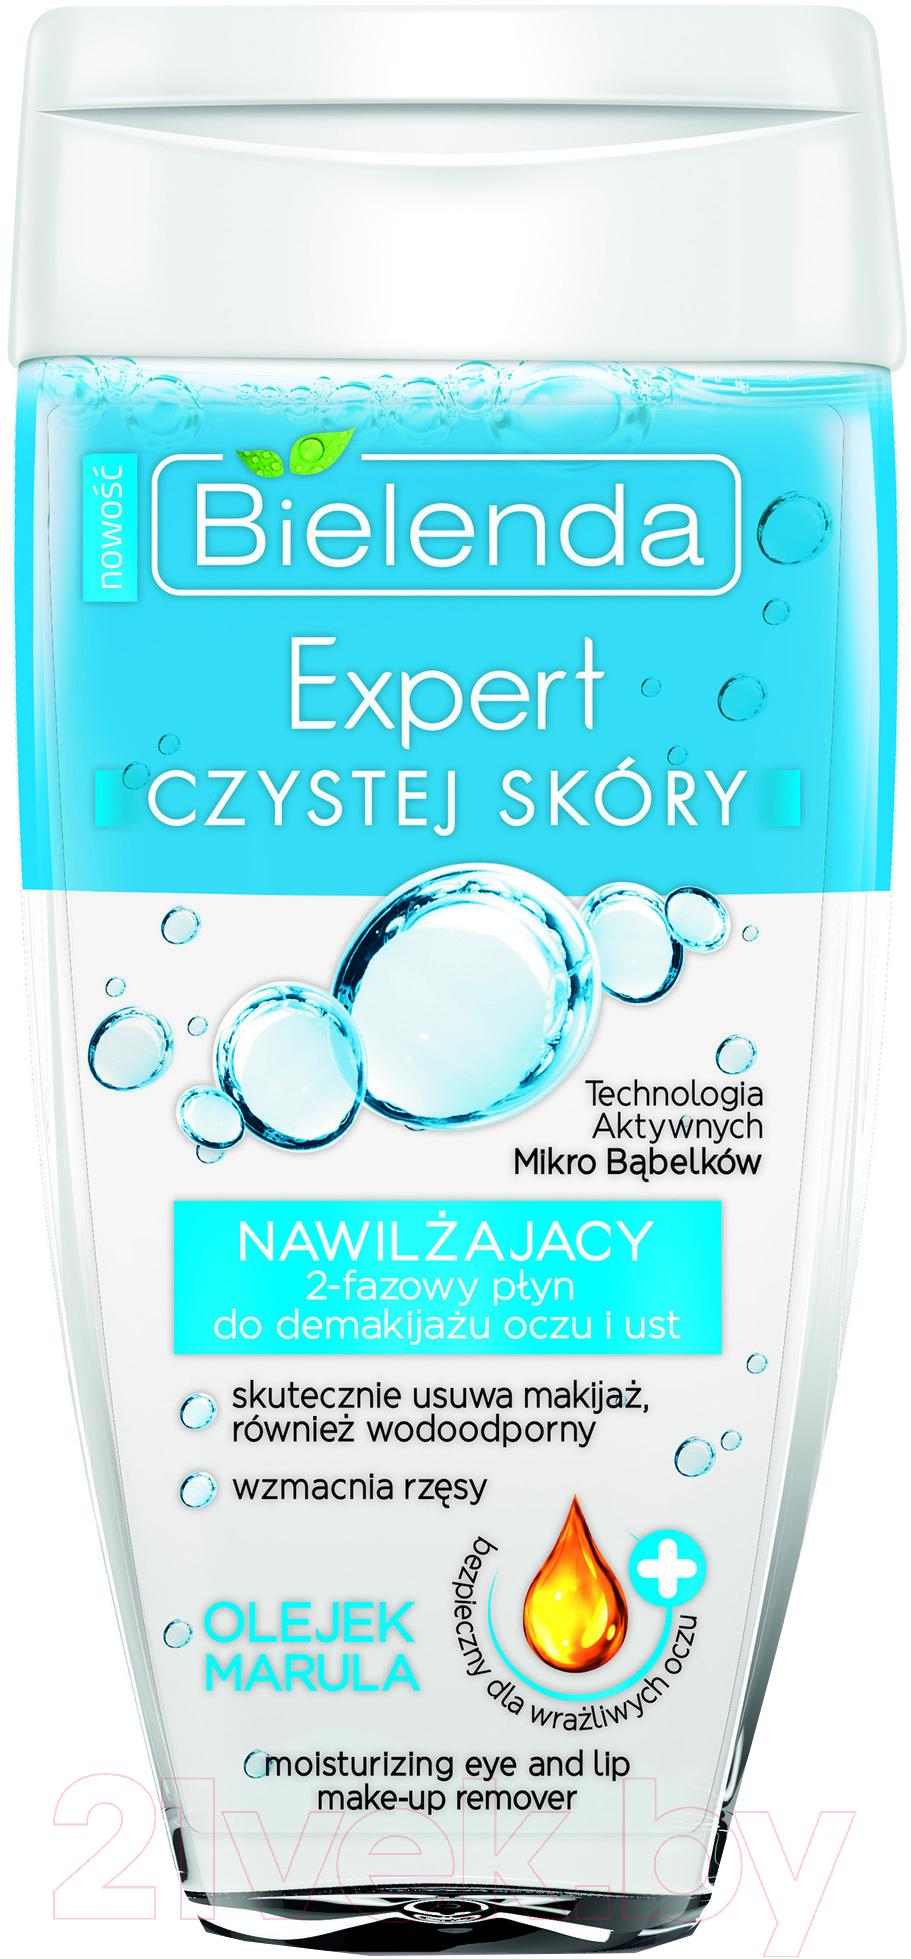 Купить Лосьон для снятия макияжа Bielenda, Skin Clinic Professional марула увлажн 2-фазн д/глаз губ (150мл), Польша